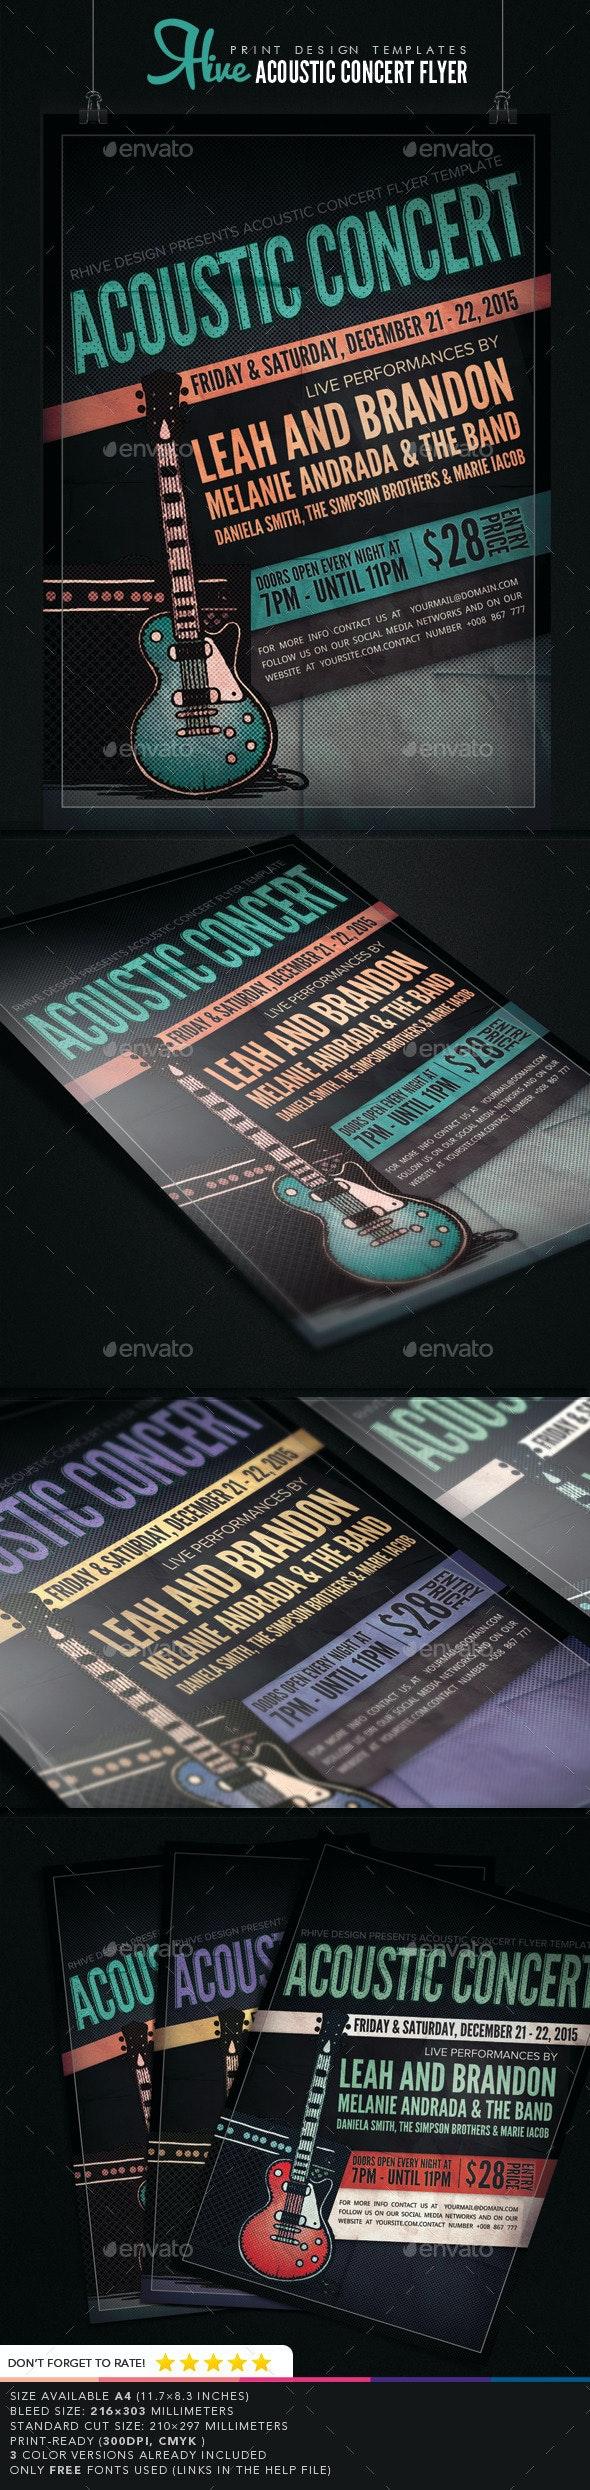 Acoustic Concert Flyer - Concerts Events